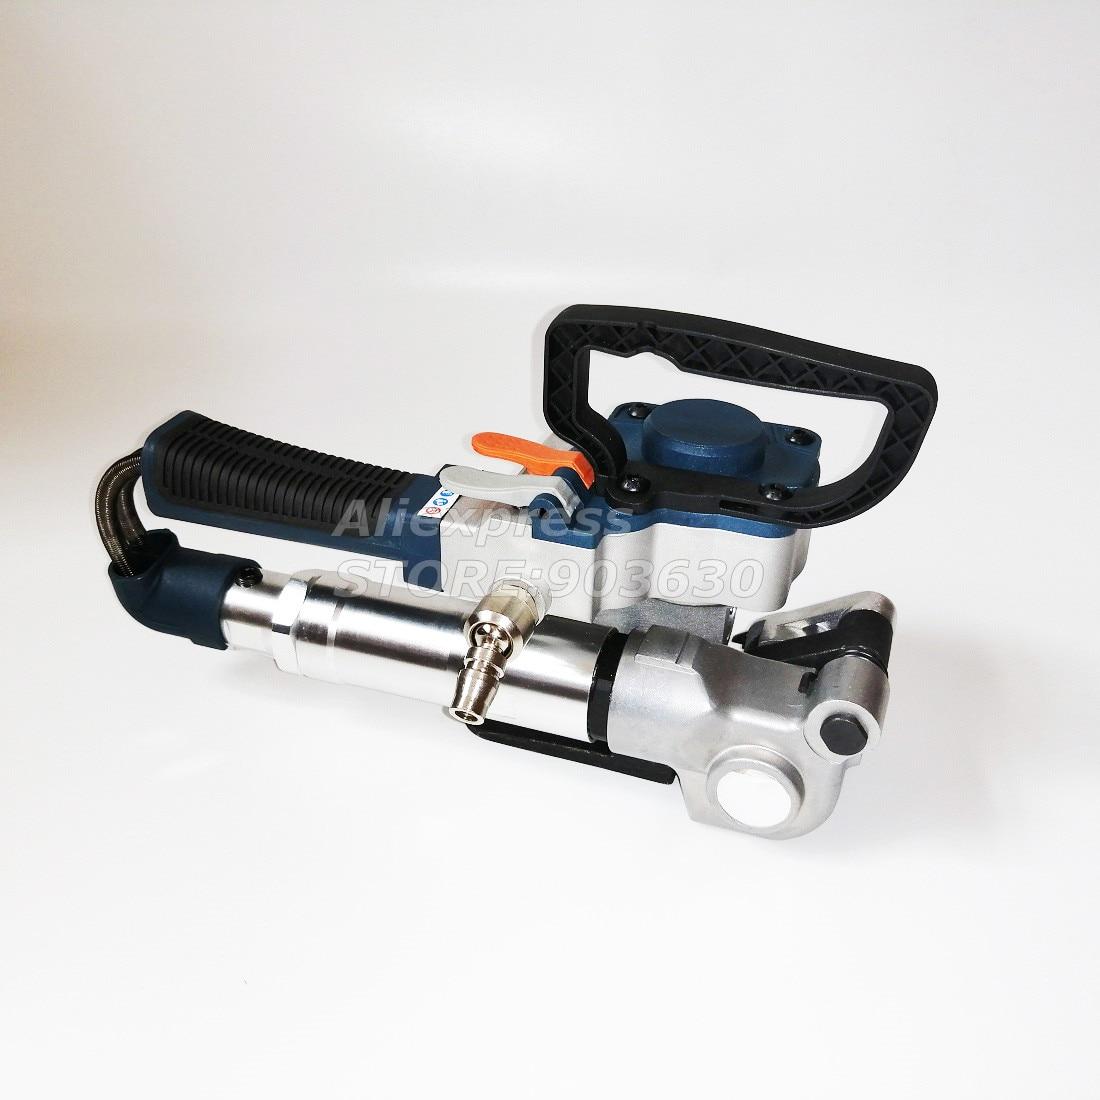 آلة التعبئة المحمولة هوائي PET البلاستيك PP البولي بروبلين اليد آلة الربط في ورقة صندوق صناعي خشبي التعبئة